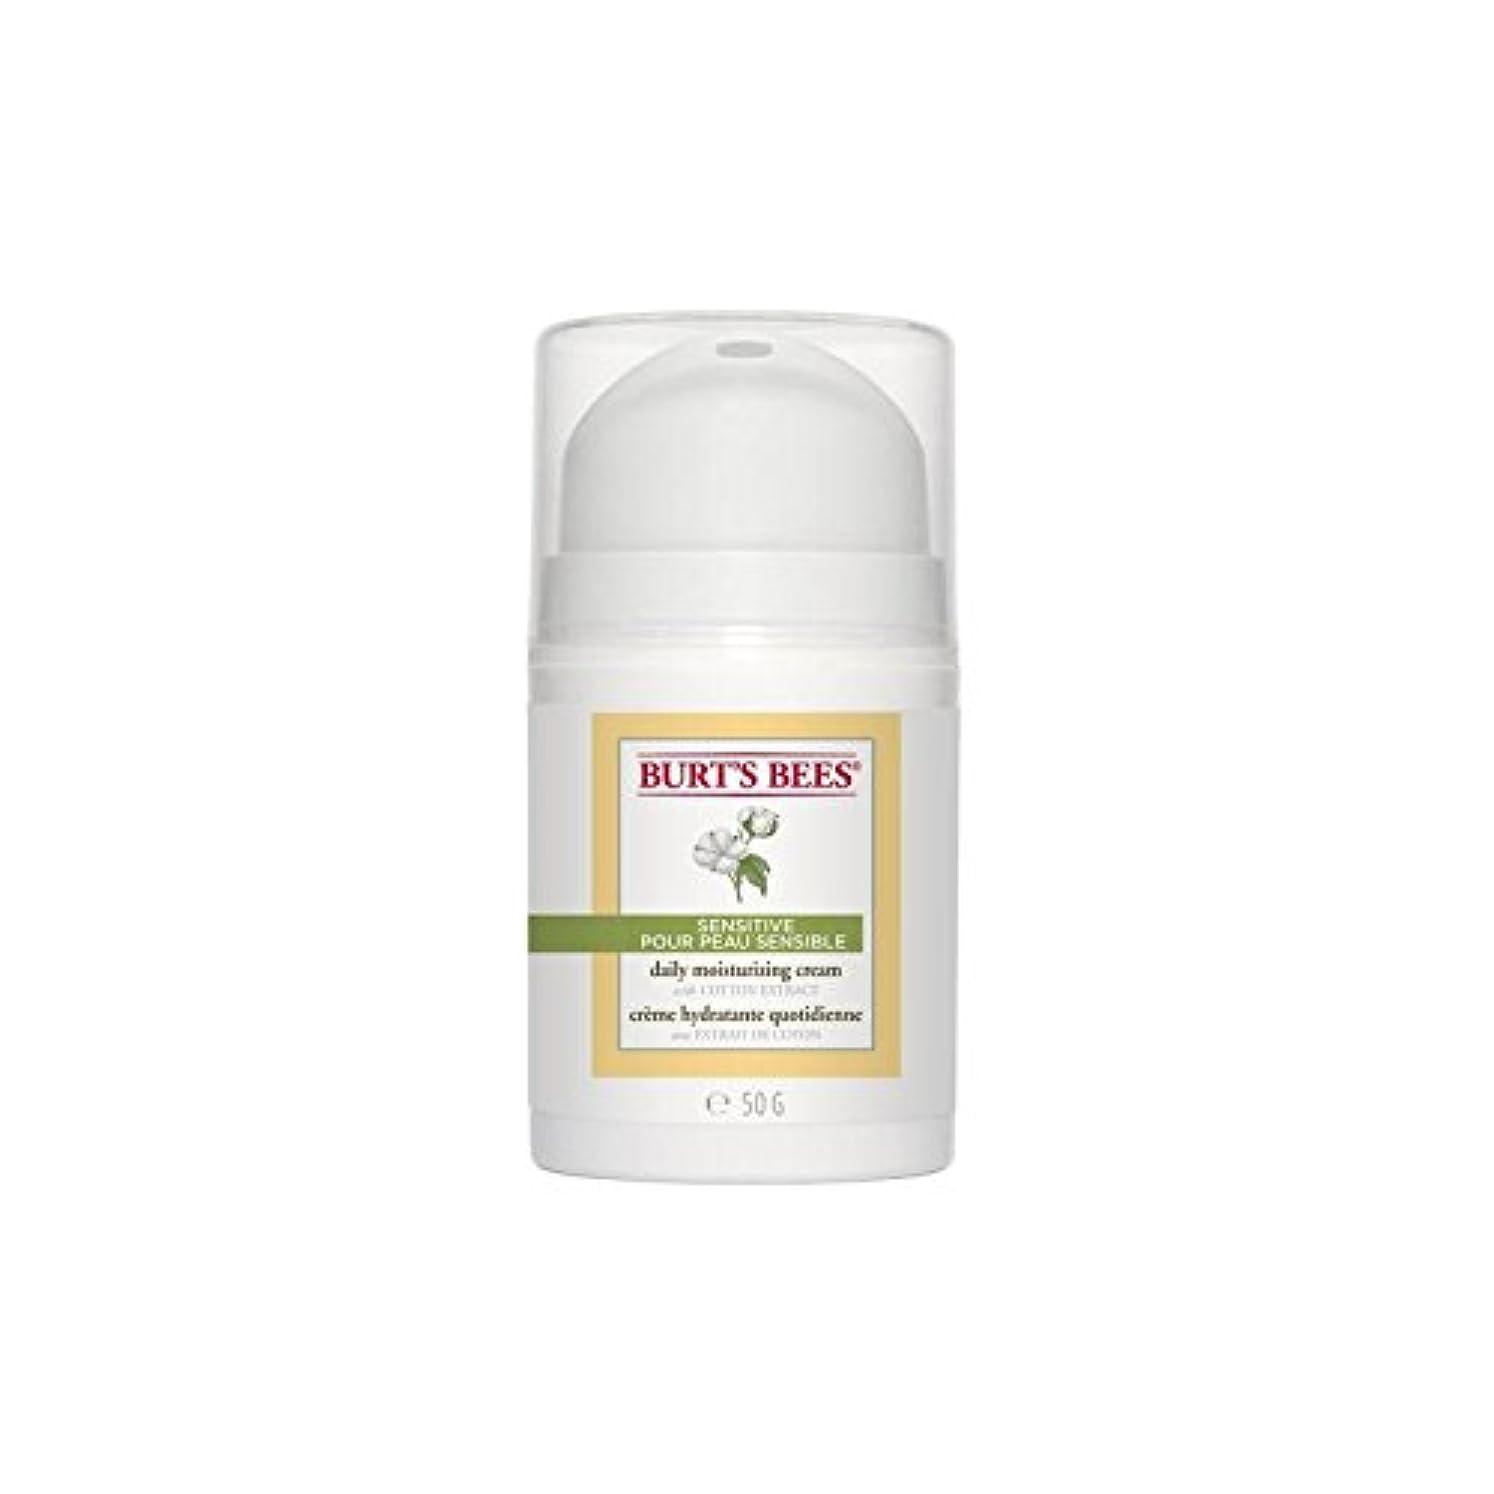 潜むスカイ湿地バーツビー敏感毎日保湿クリーム50グラム x4 - Burt's Bees Sensitive Daily Moisturising Cream 50G (Pack of 4) [並行輸入品]